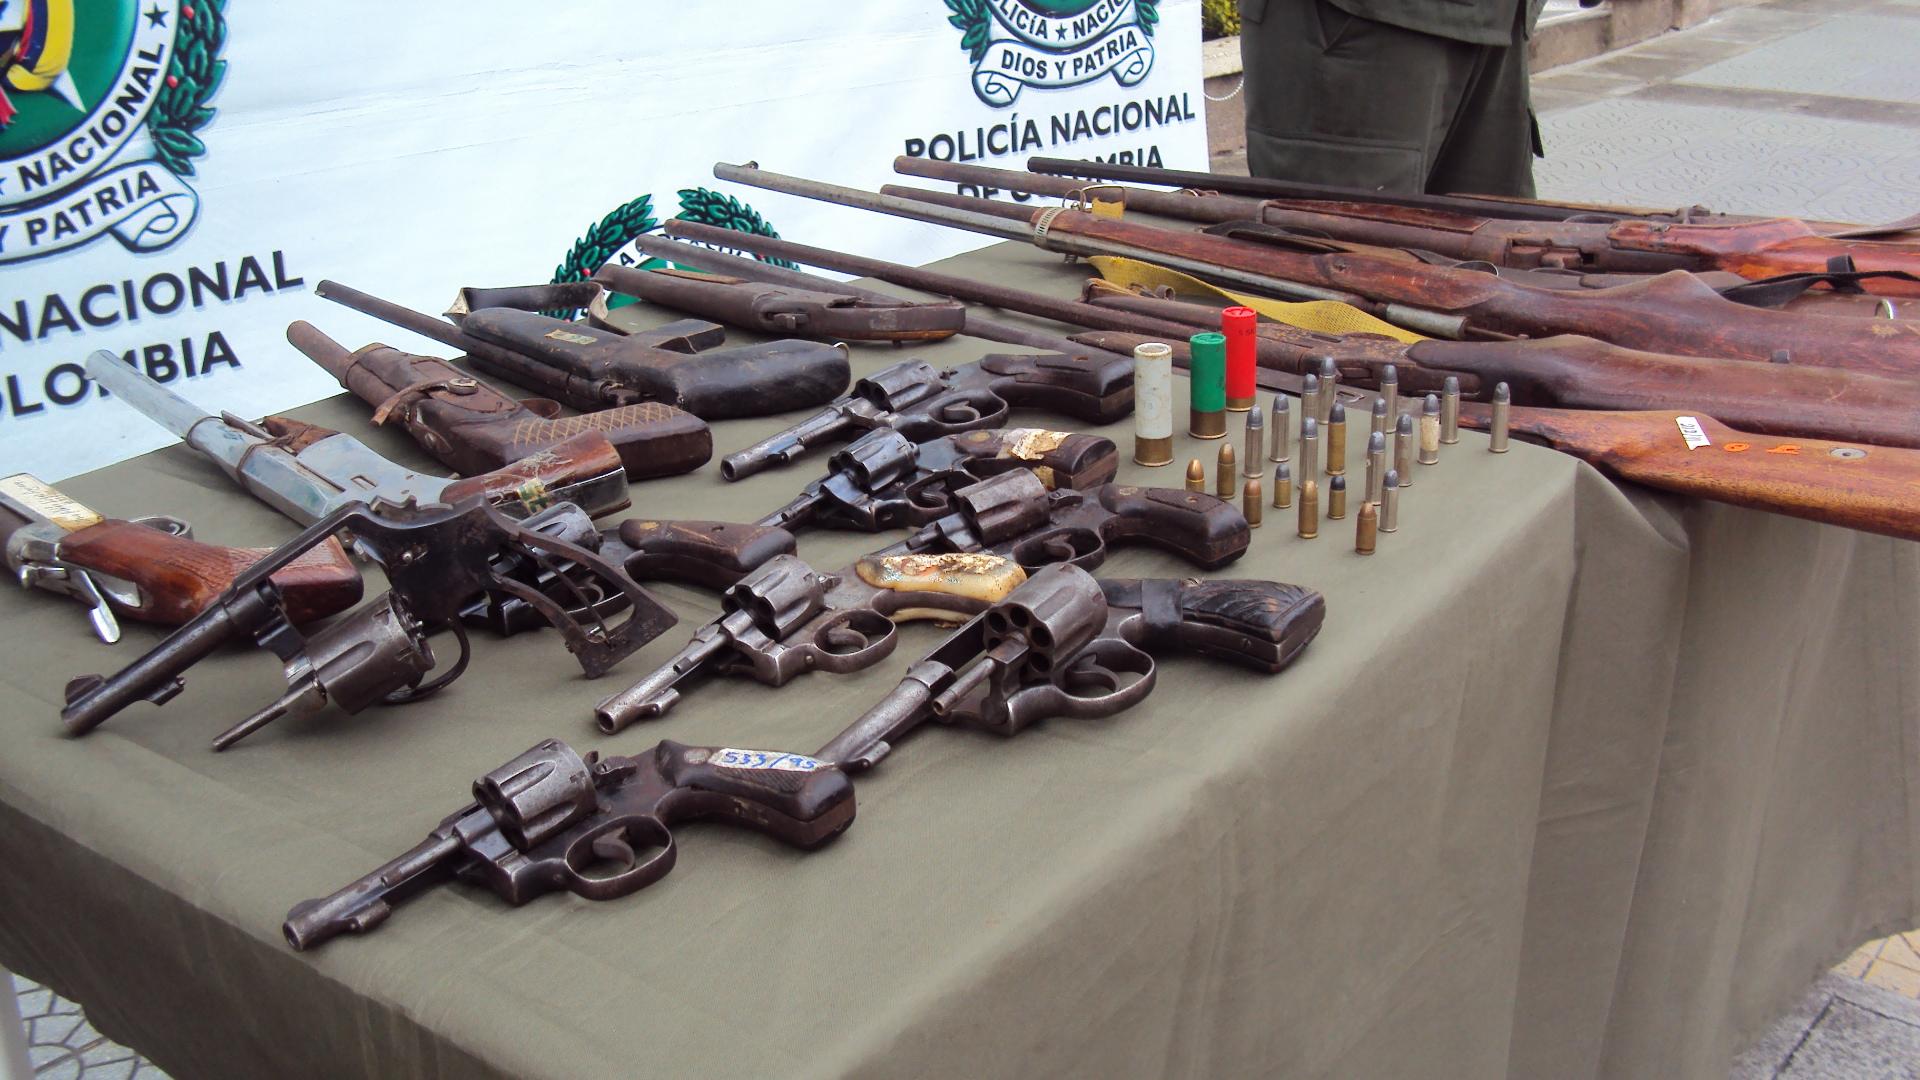 Incautaci n masiva de armas de fuego en caldas meridiano for Porte y tenencia de armas